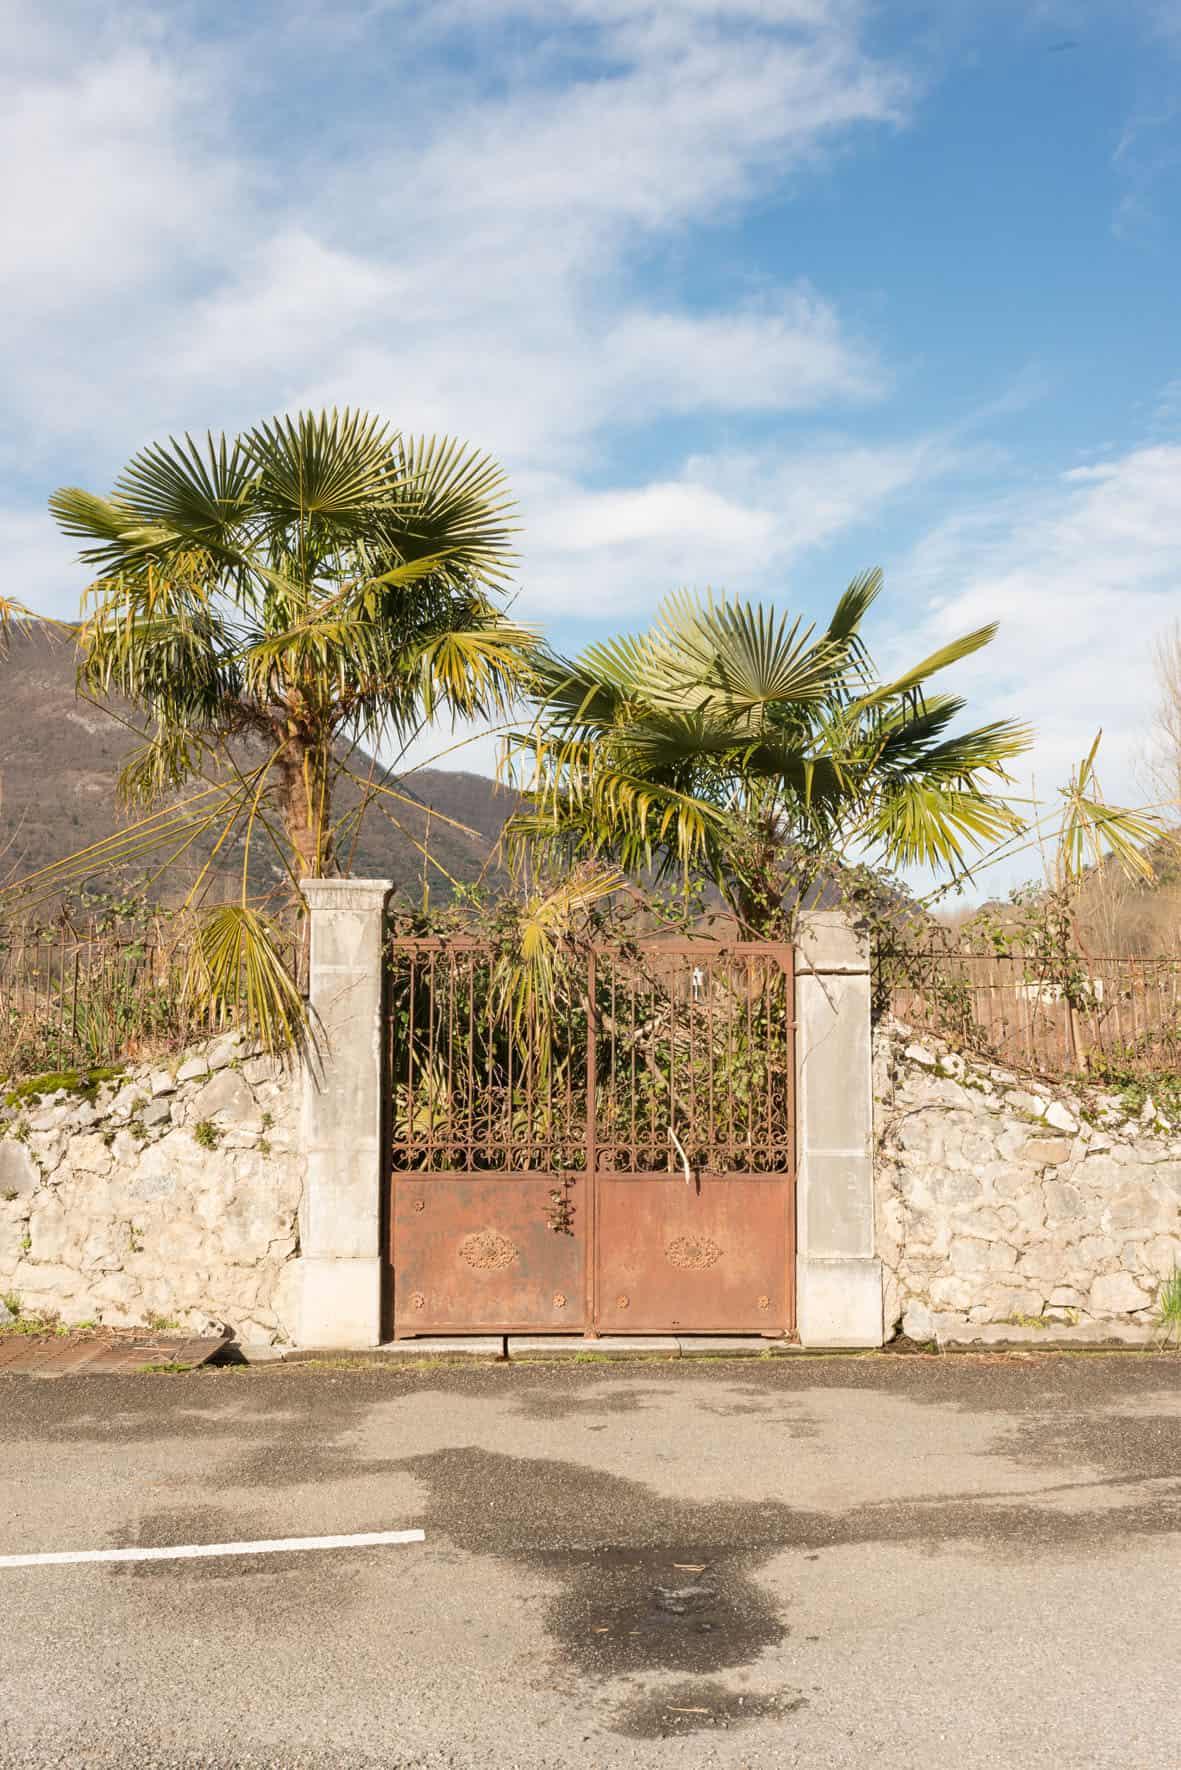 L'entrée d'une des anciennes palmeraies d'Ordet, laissée à l'abandon depuis quelques années (village nommé jusqu'en 1814 Ore)